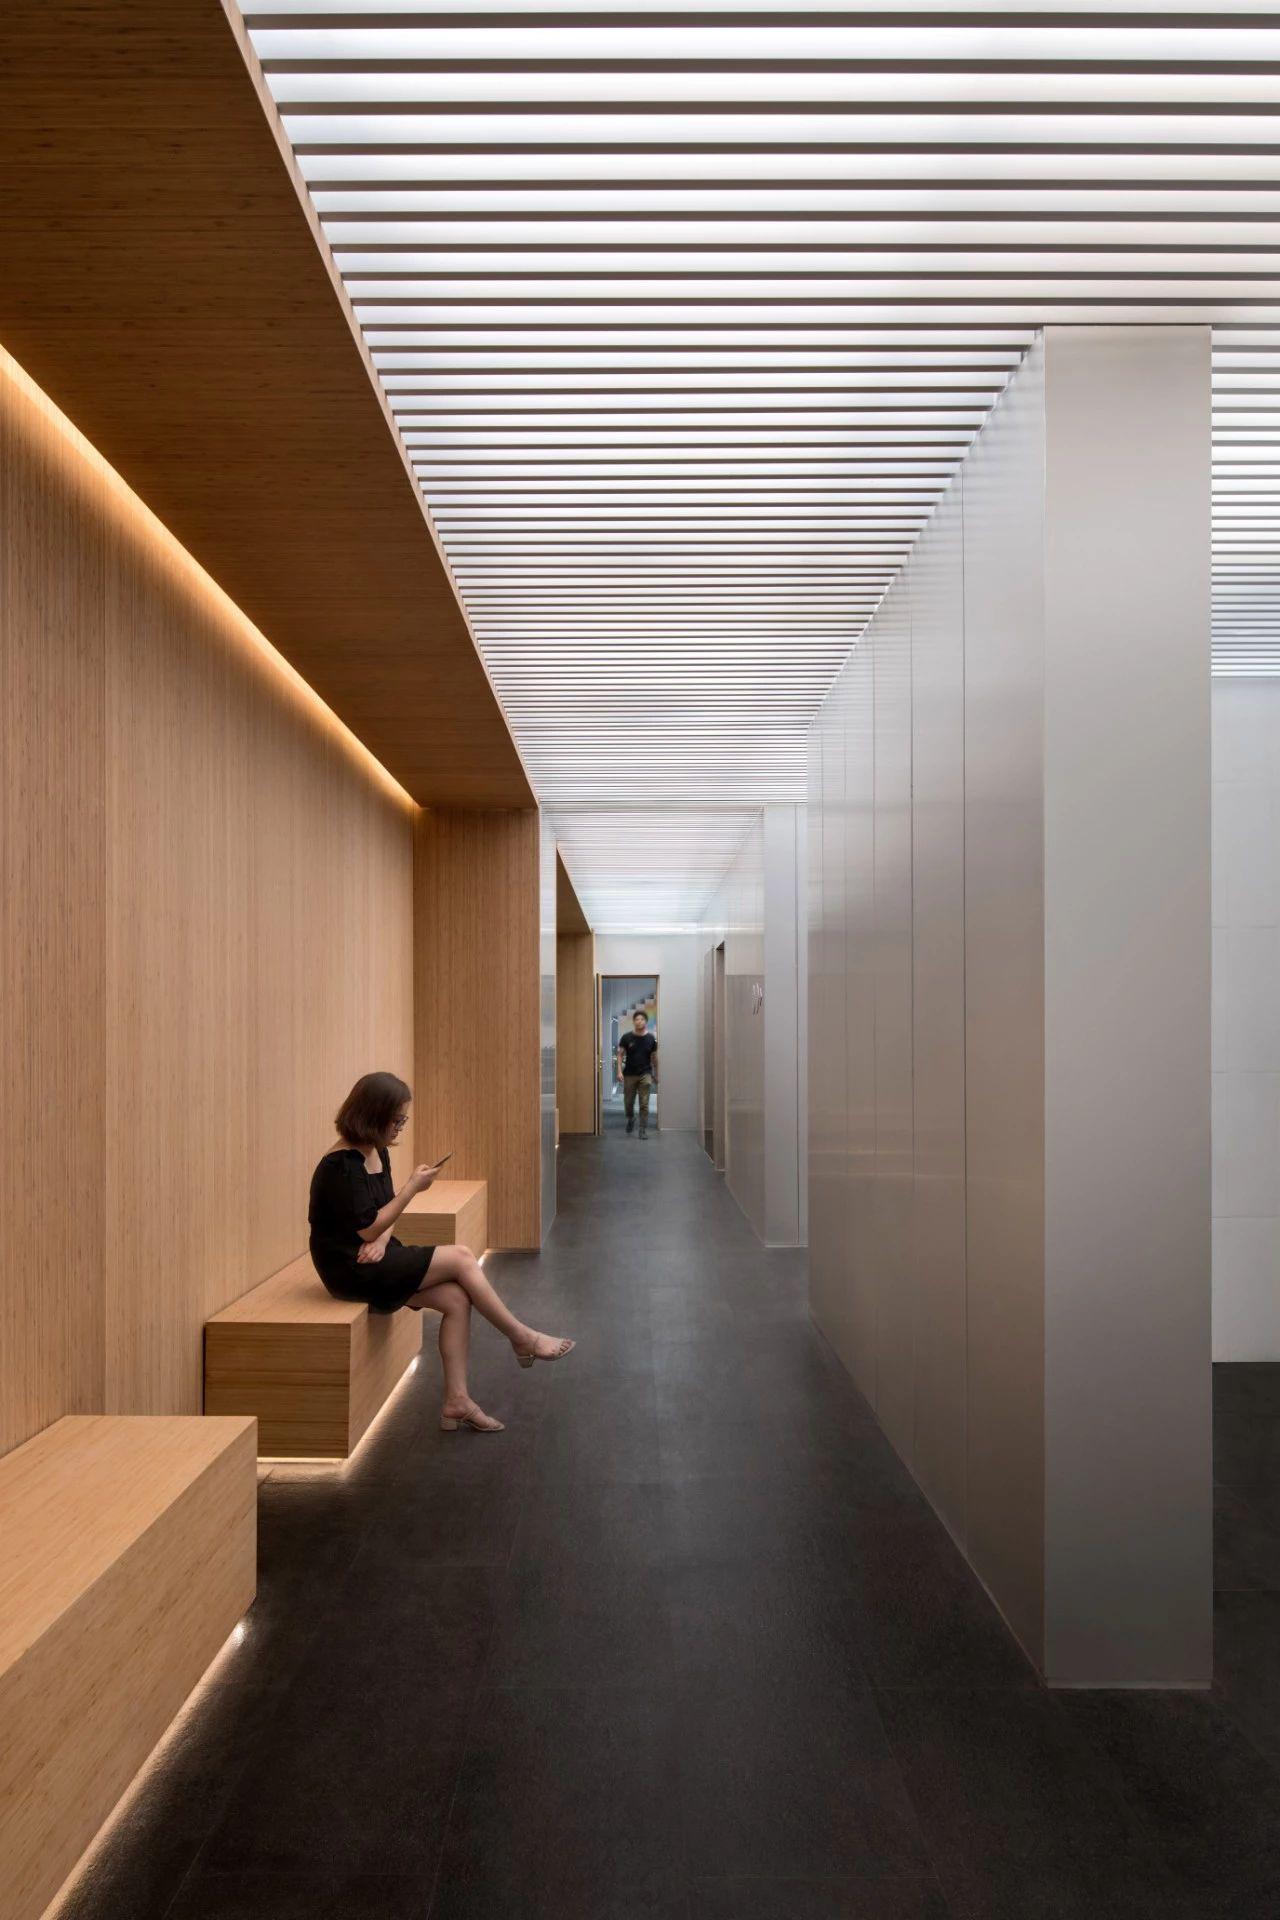 北京万科时代中心 建筑改造设计 / SHL